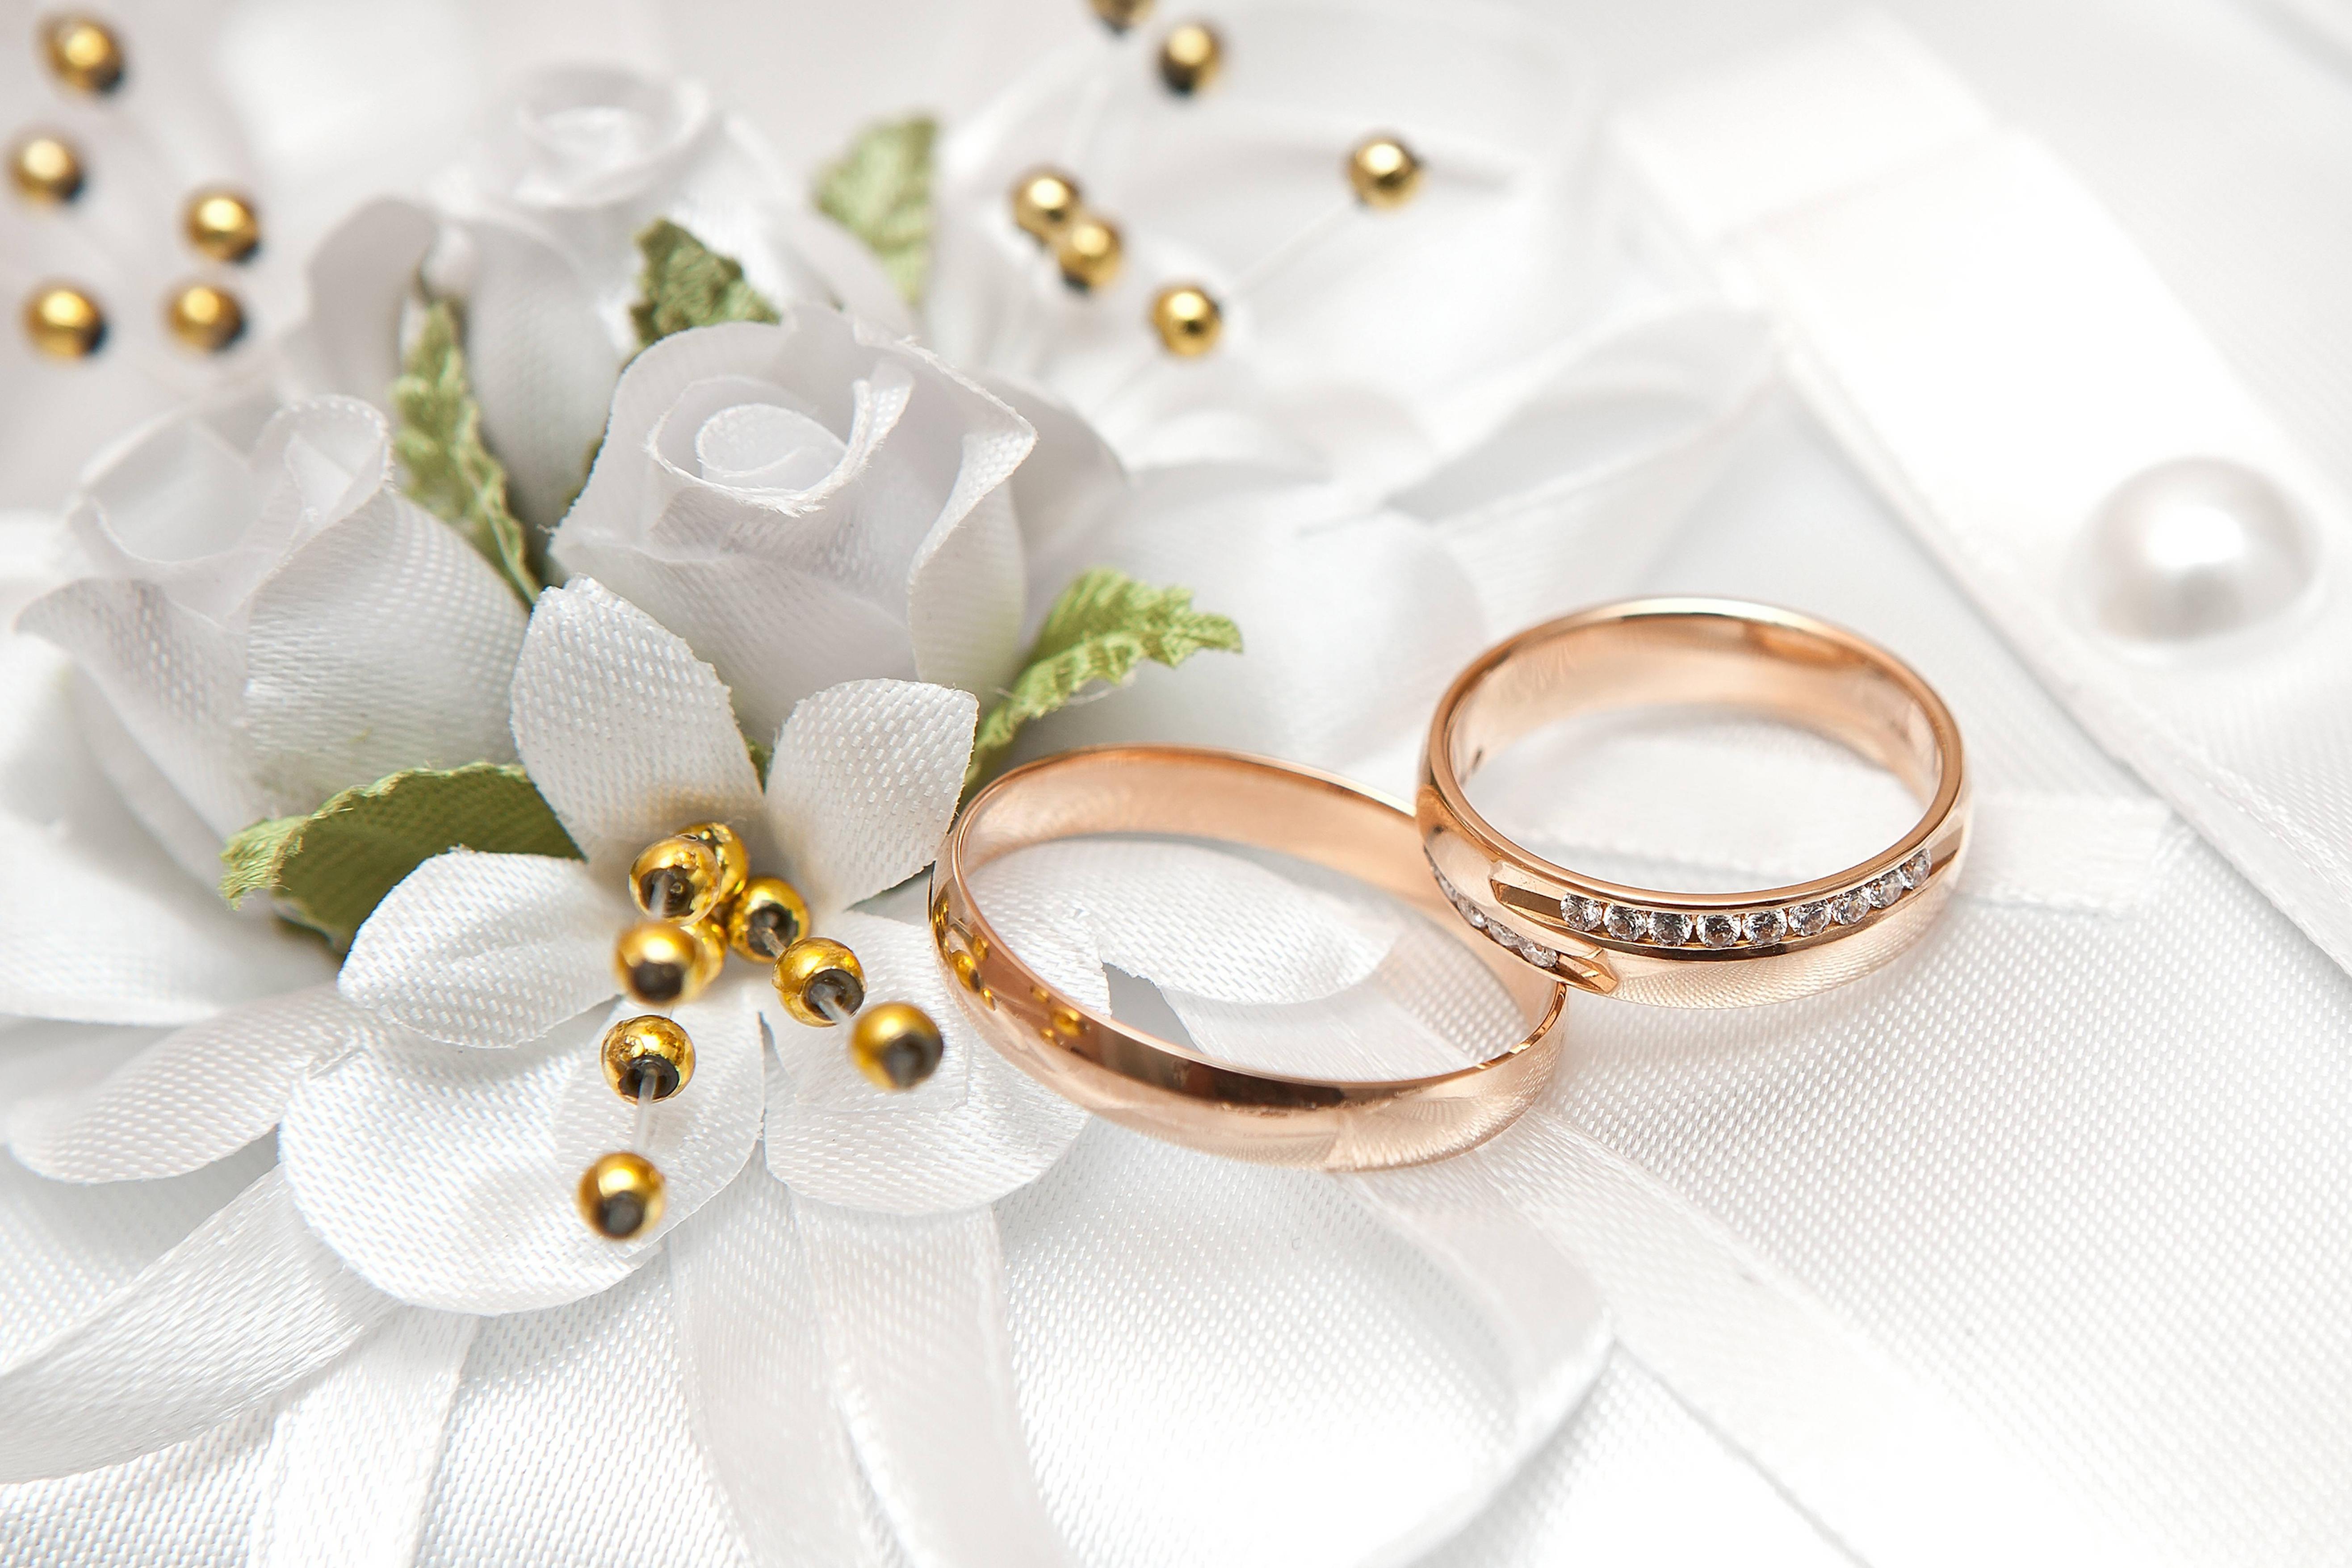 25th Wedding Anniversary Rings 001 - 25th Wedding Anniversary Rings